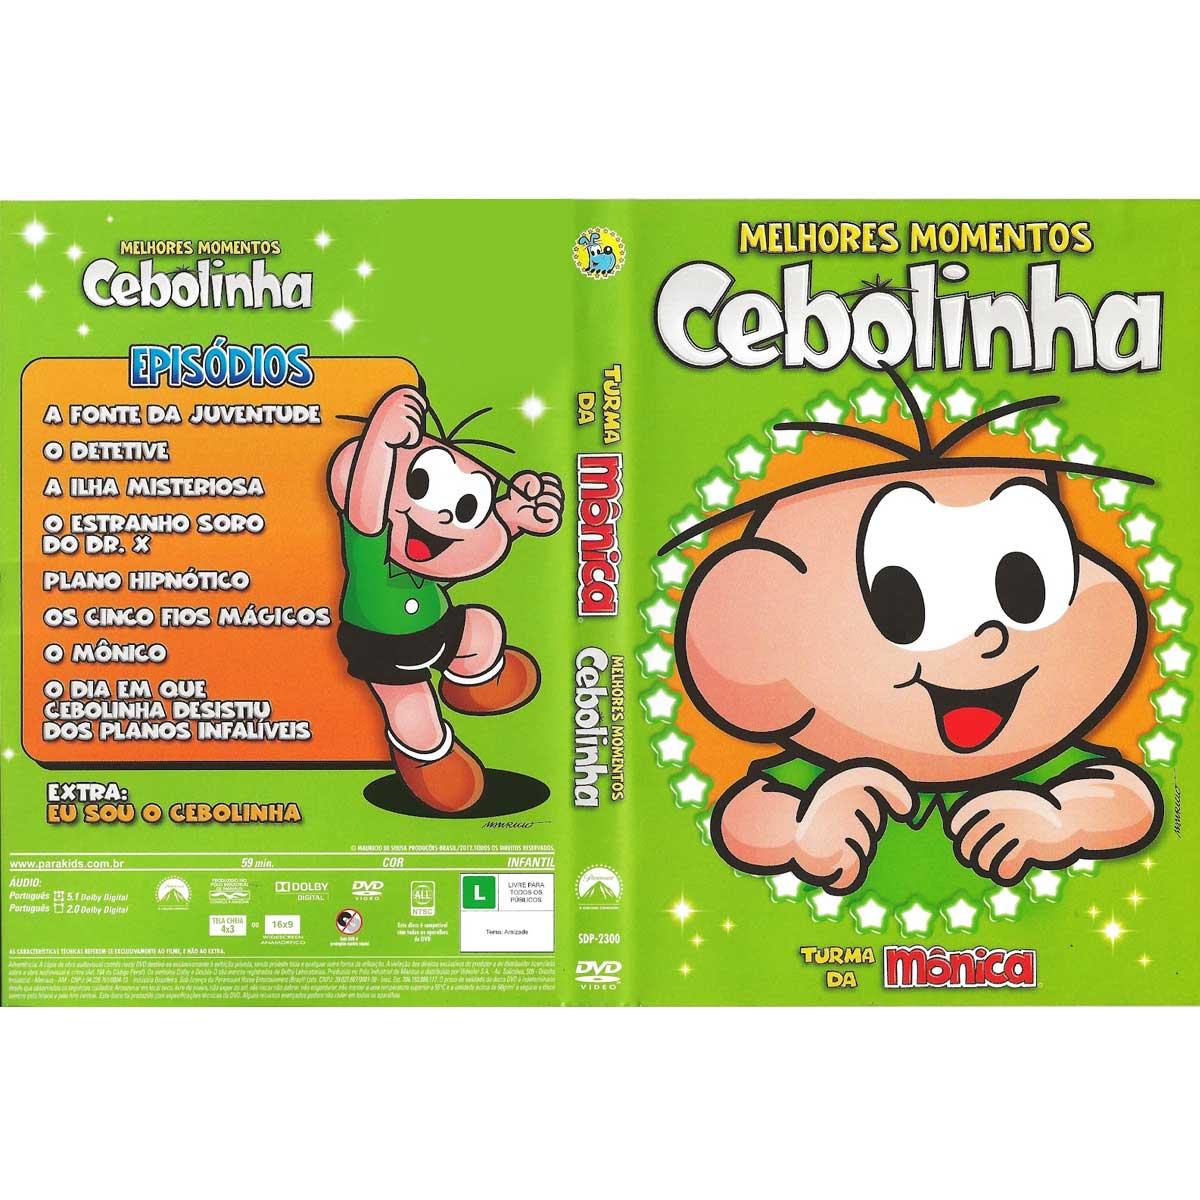 DVD Turma da Mônica Melhores Momentos Cebolinha